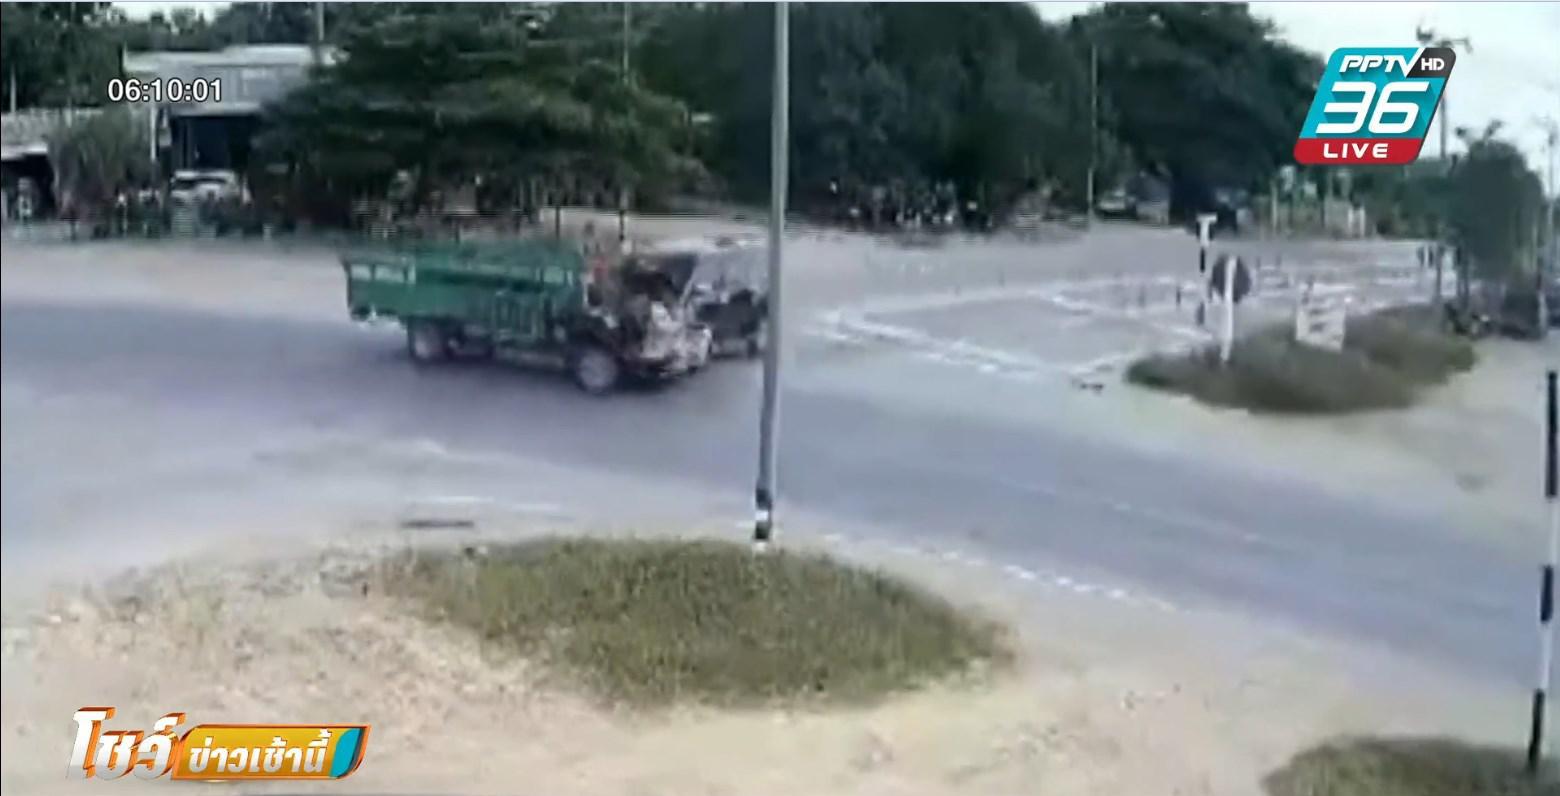 สี่แยกวัดใจ มิวเอ็กซ์พุ่งชนอีแต๋น คนขับกระเด็นตีลังกากลางอากาศ รอด